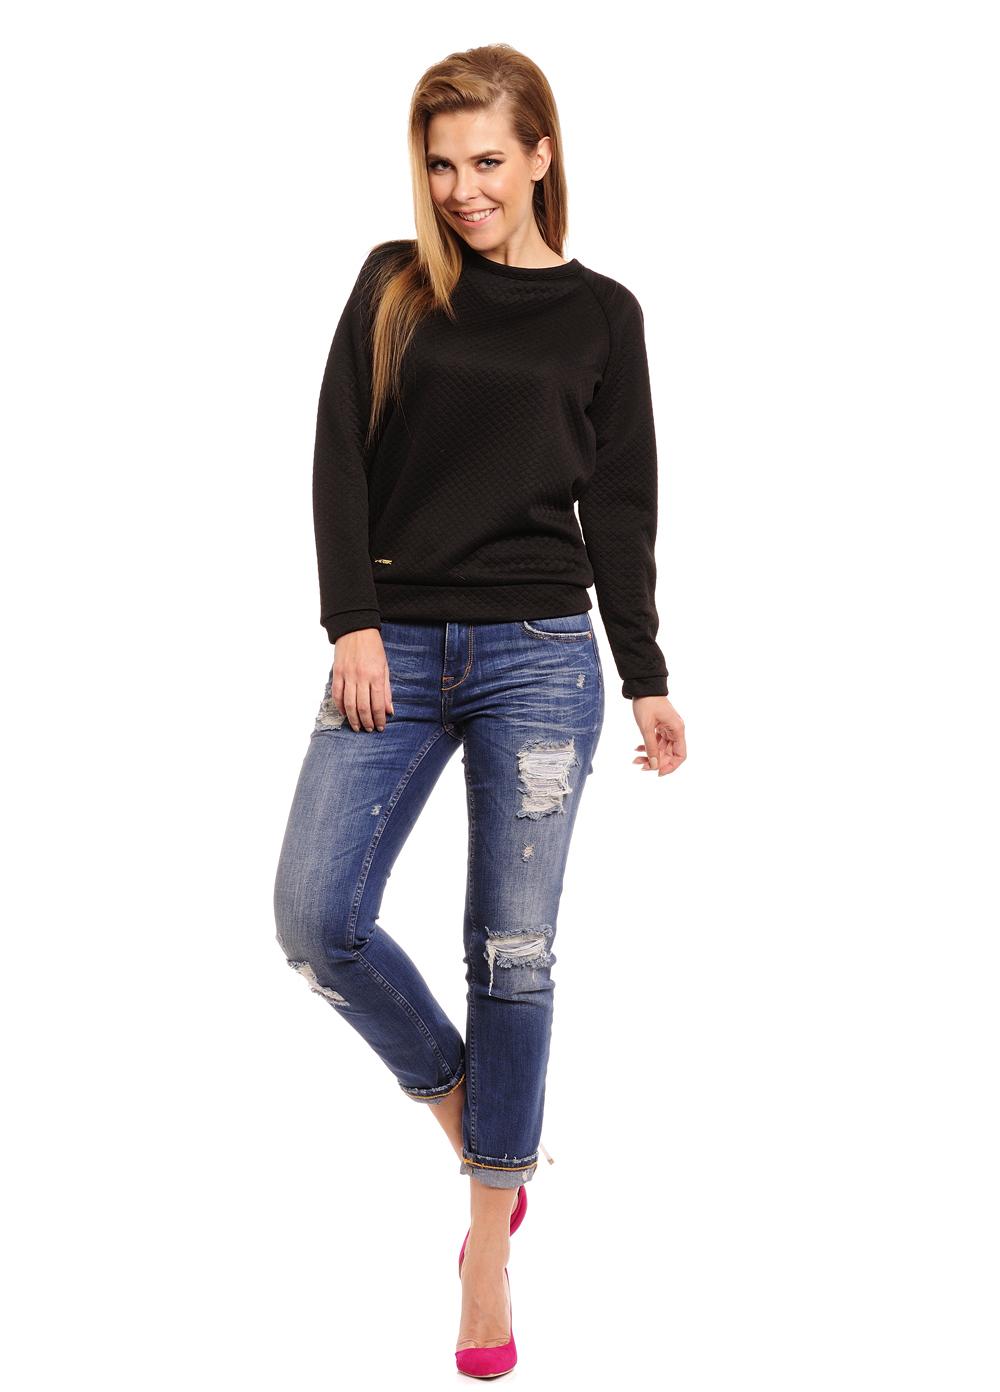 Pletený svetr se saténovou mašlí, černá, jednotná